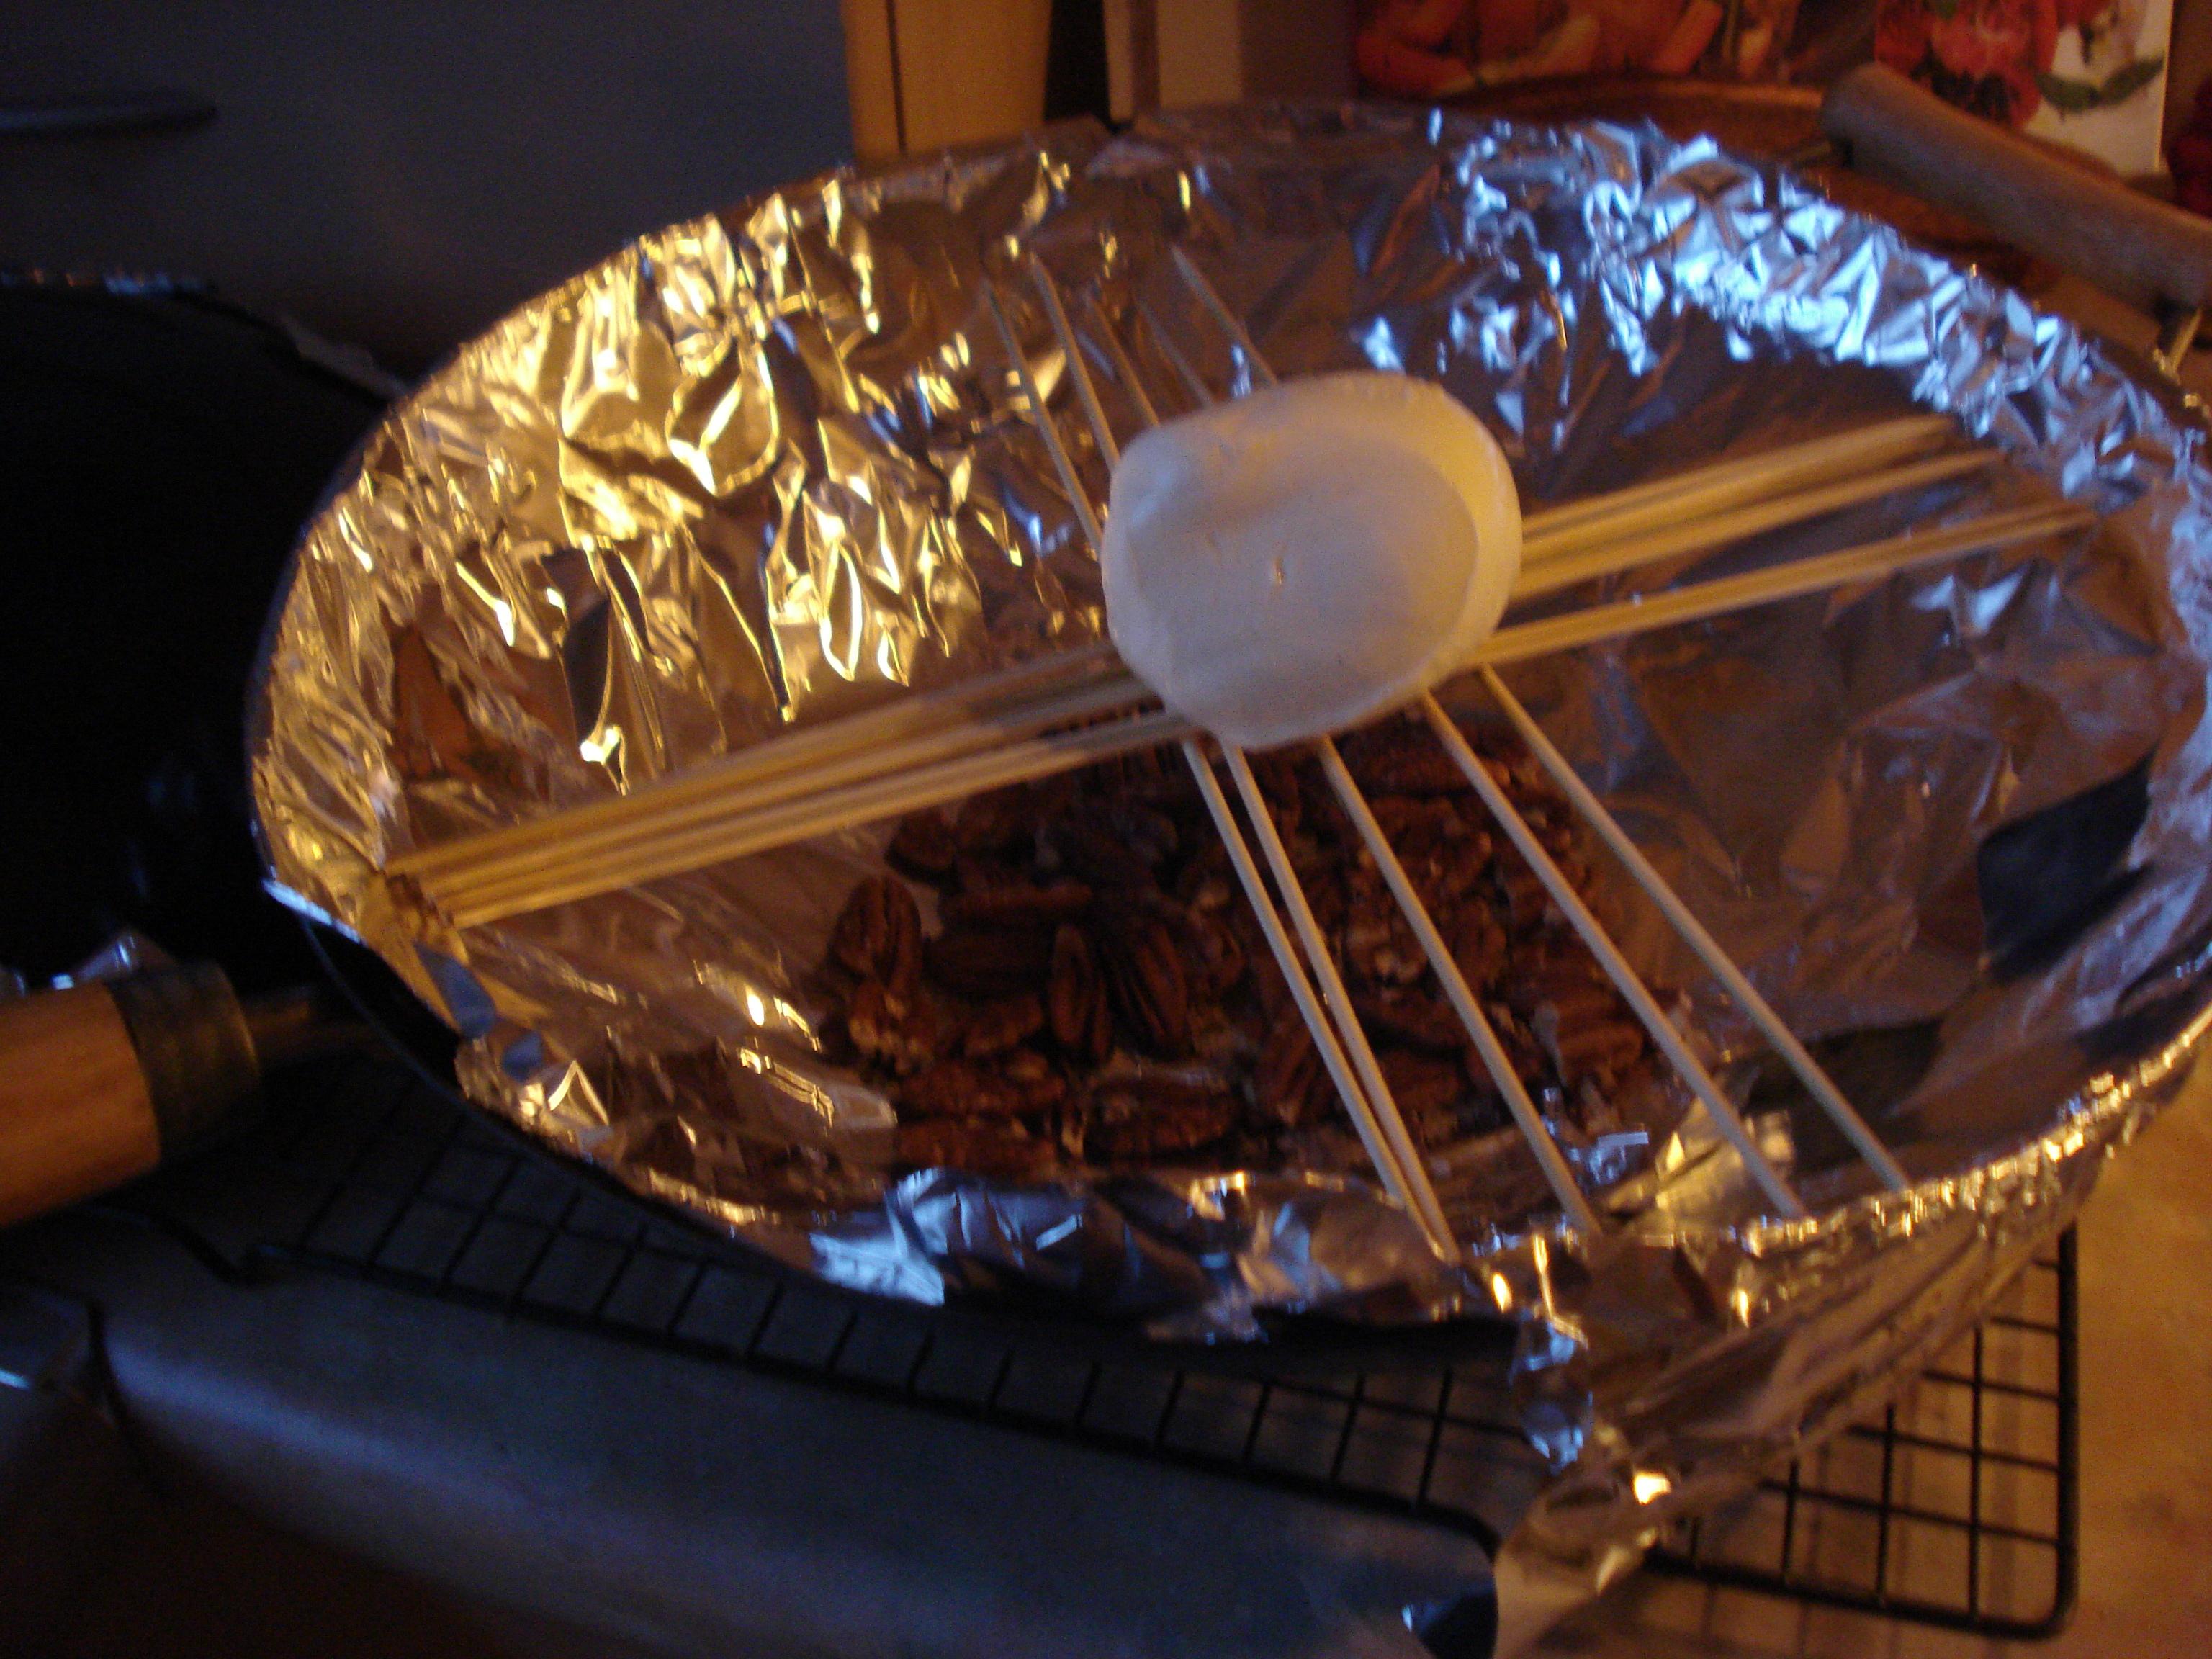 smoking mozzarella in a wok